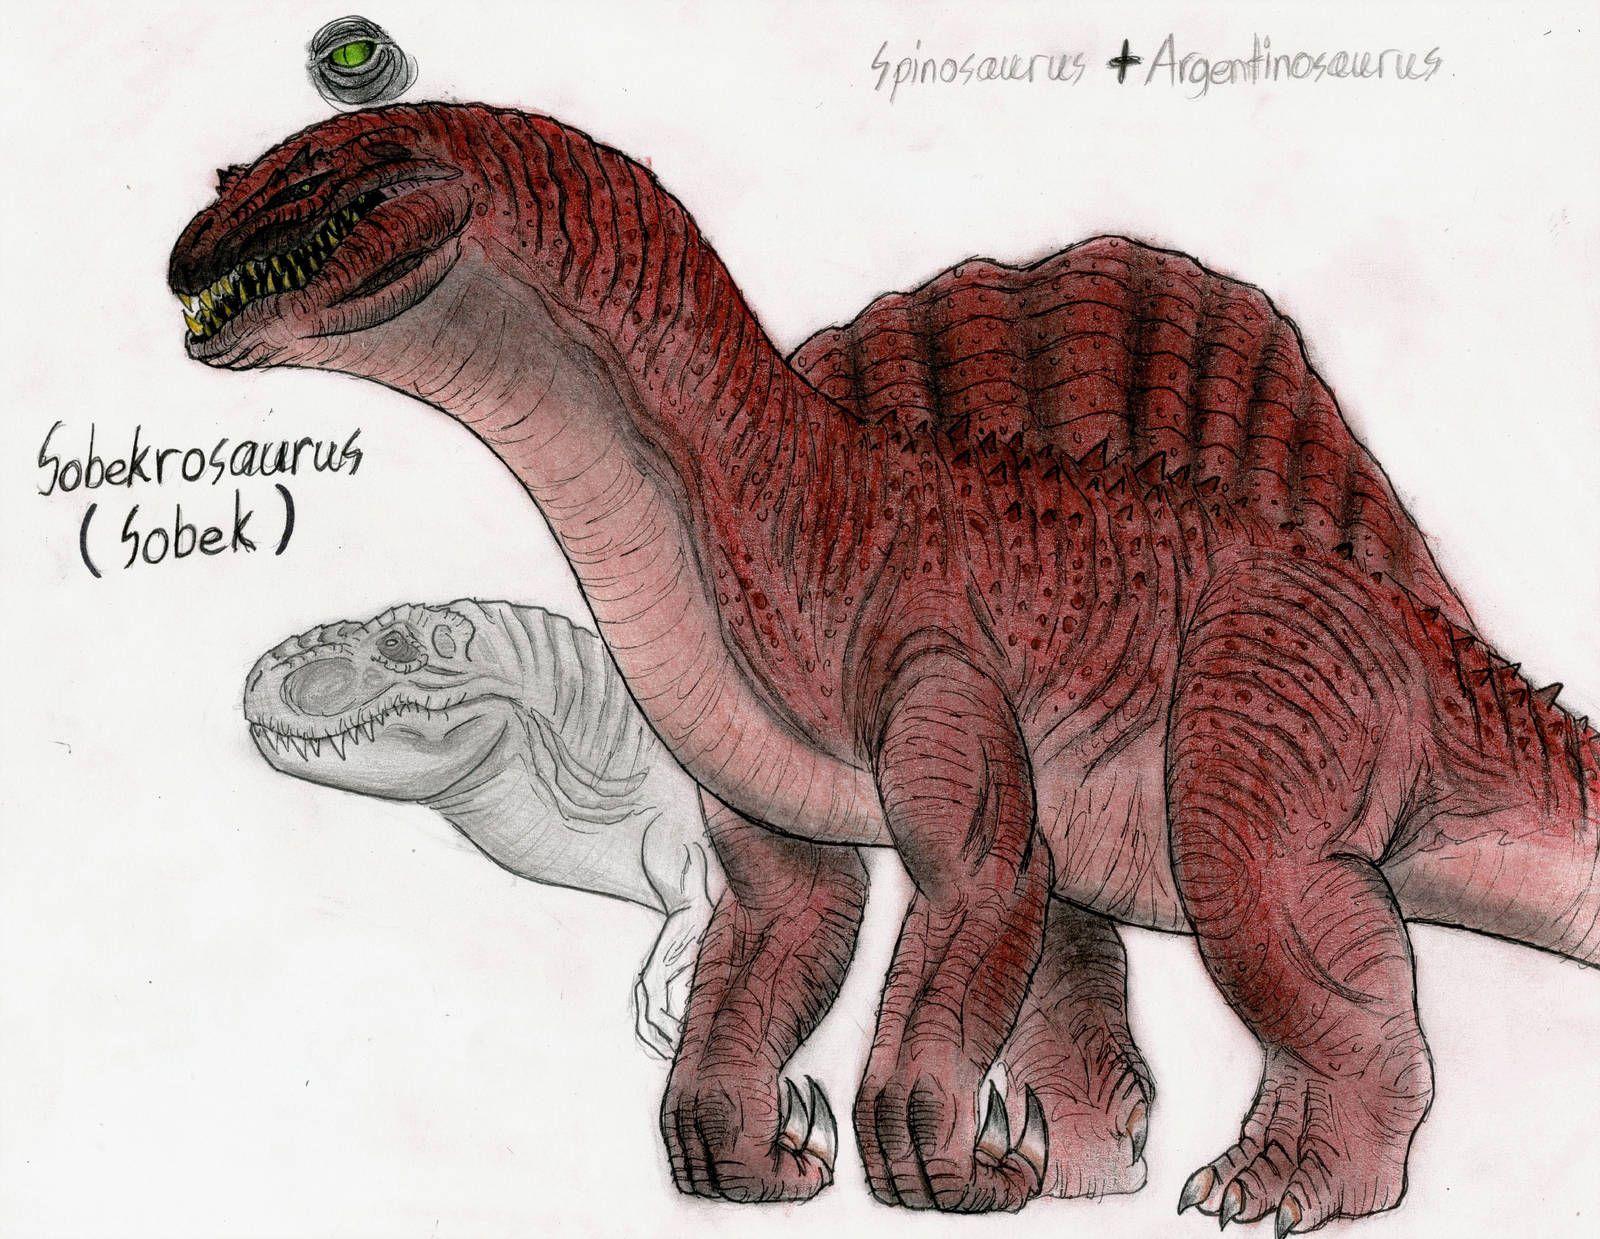 Jurassic Park Sobekrosaurus by MonsterKingOfKarmen